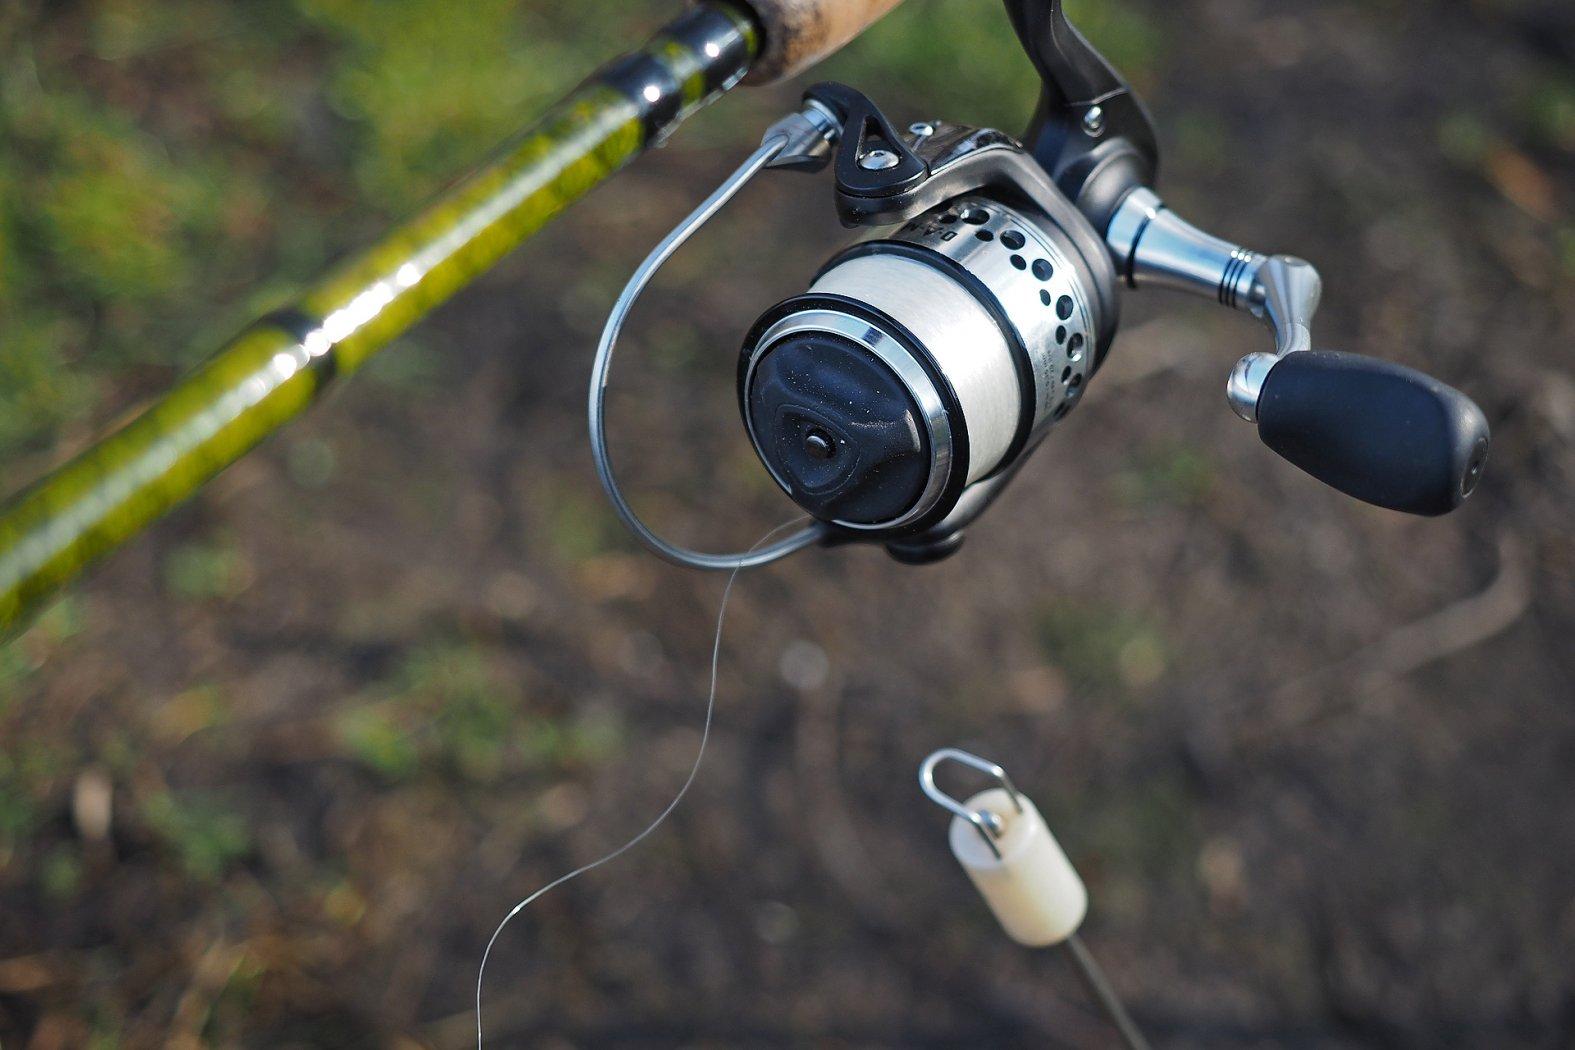 Mit offener Rolle angeln